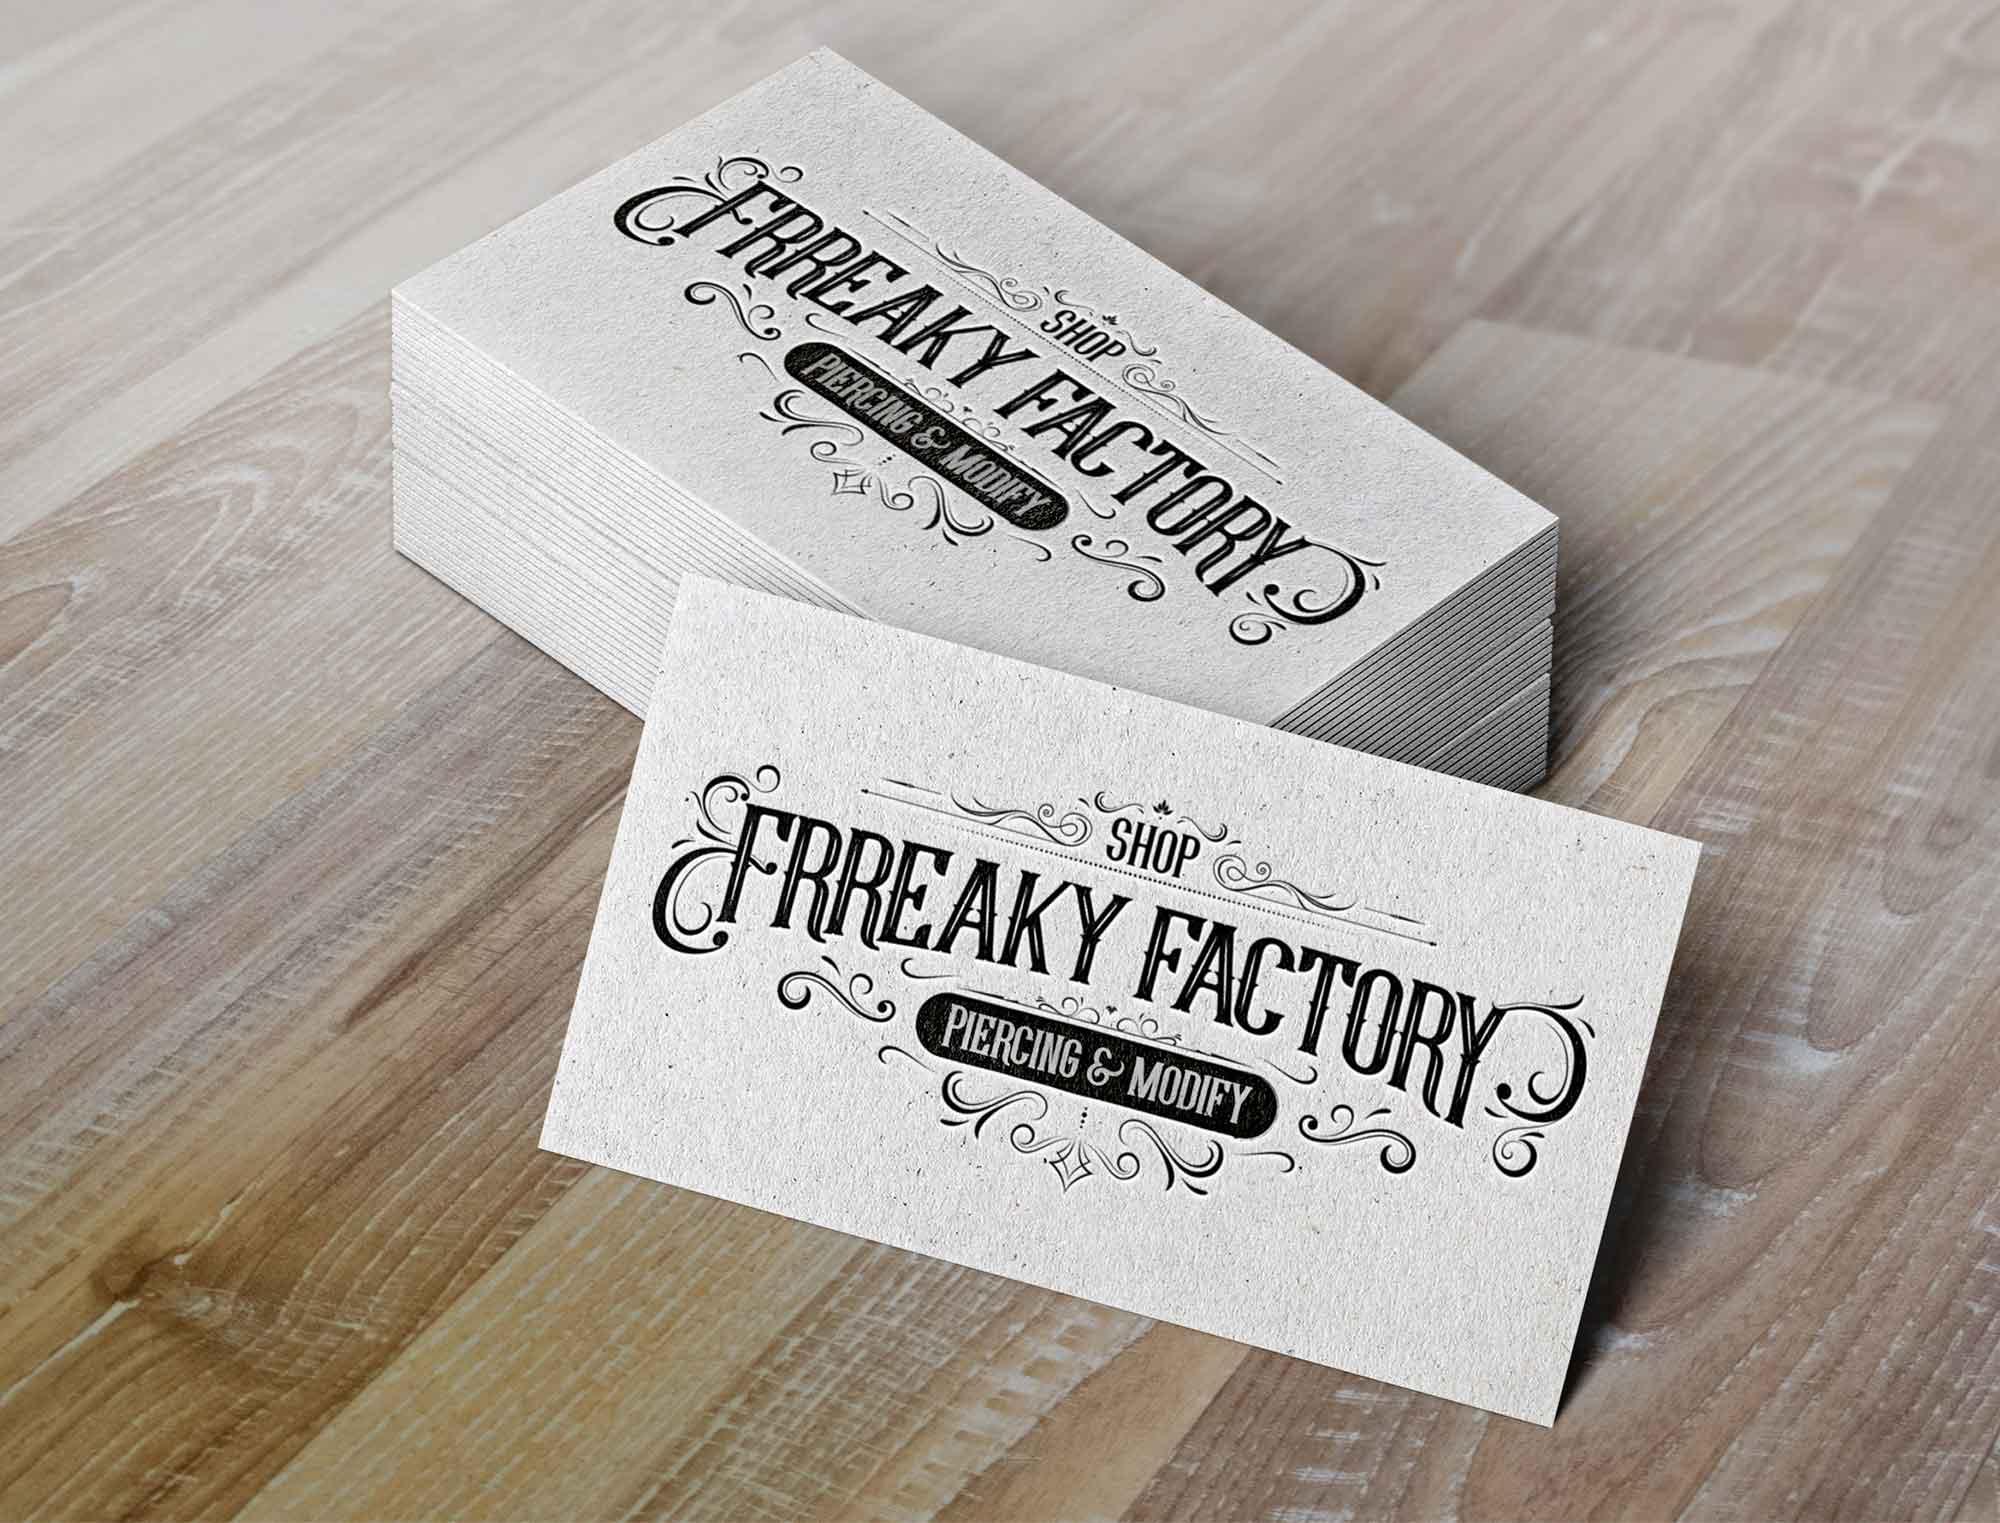 ikadia_freaky-factory_fond1.jpg